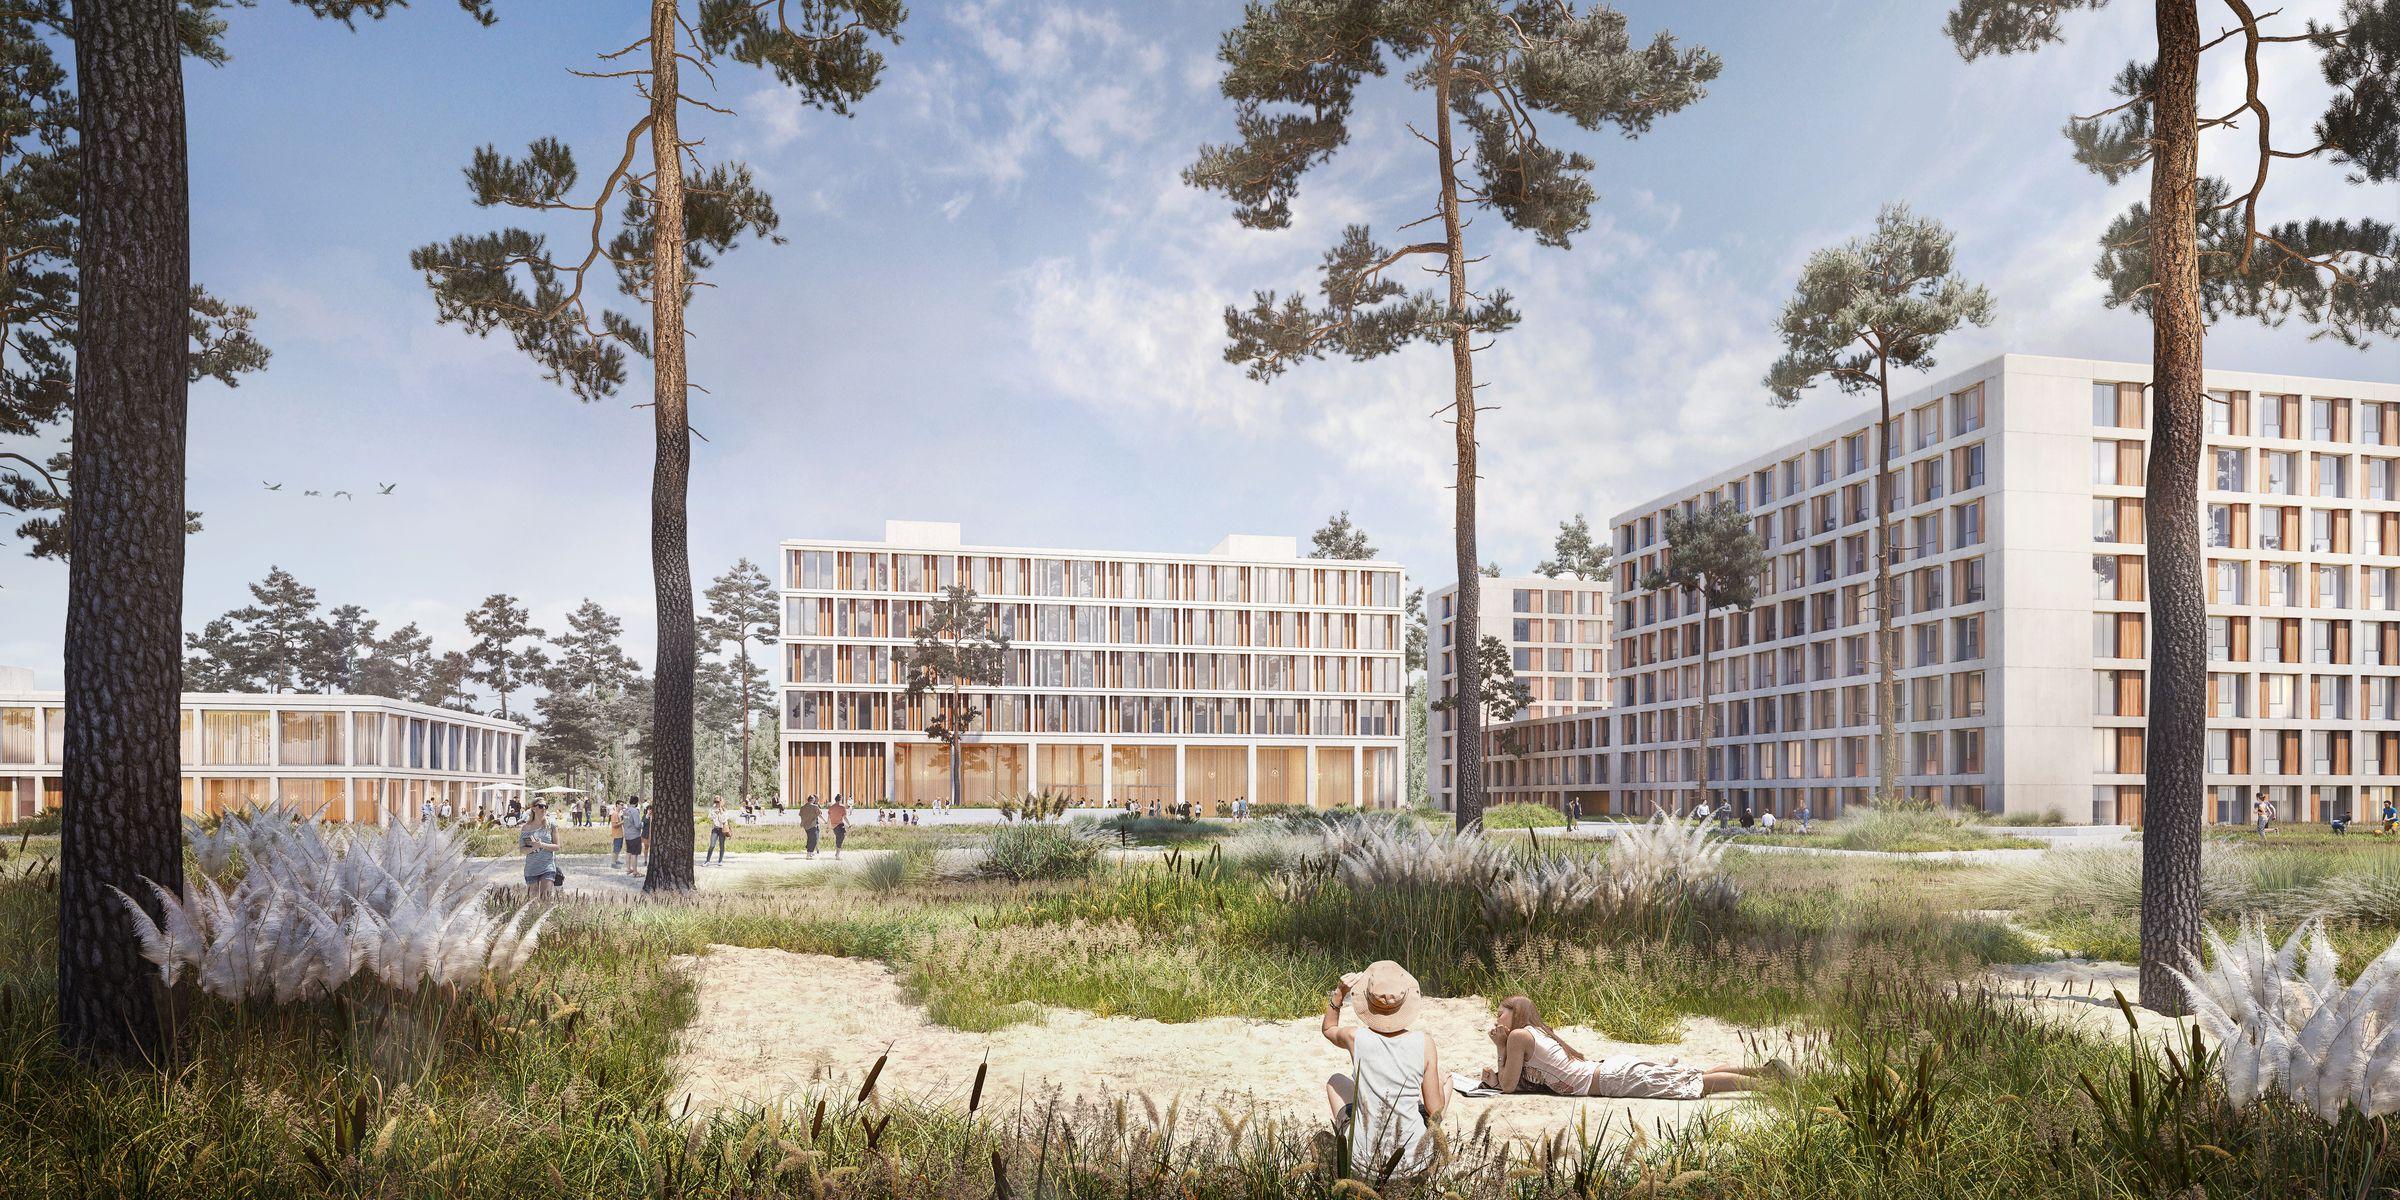 PMR_Campus_Neubau Bundeszollverwaltung Rostock_210722